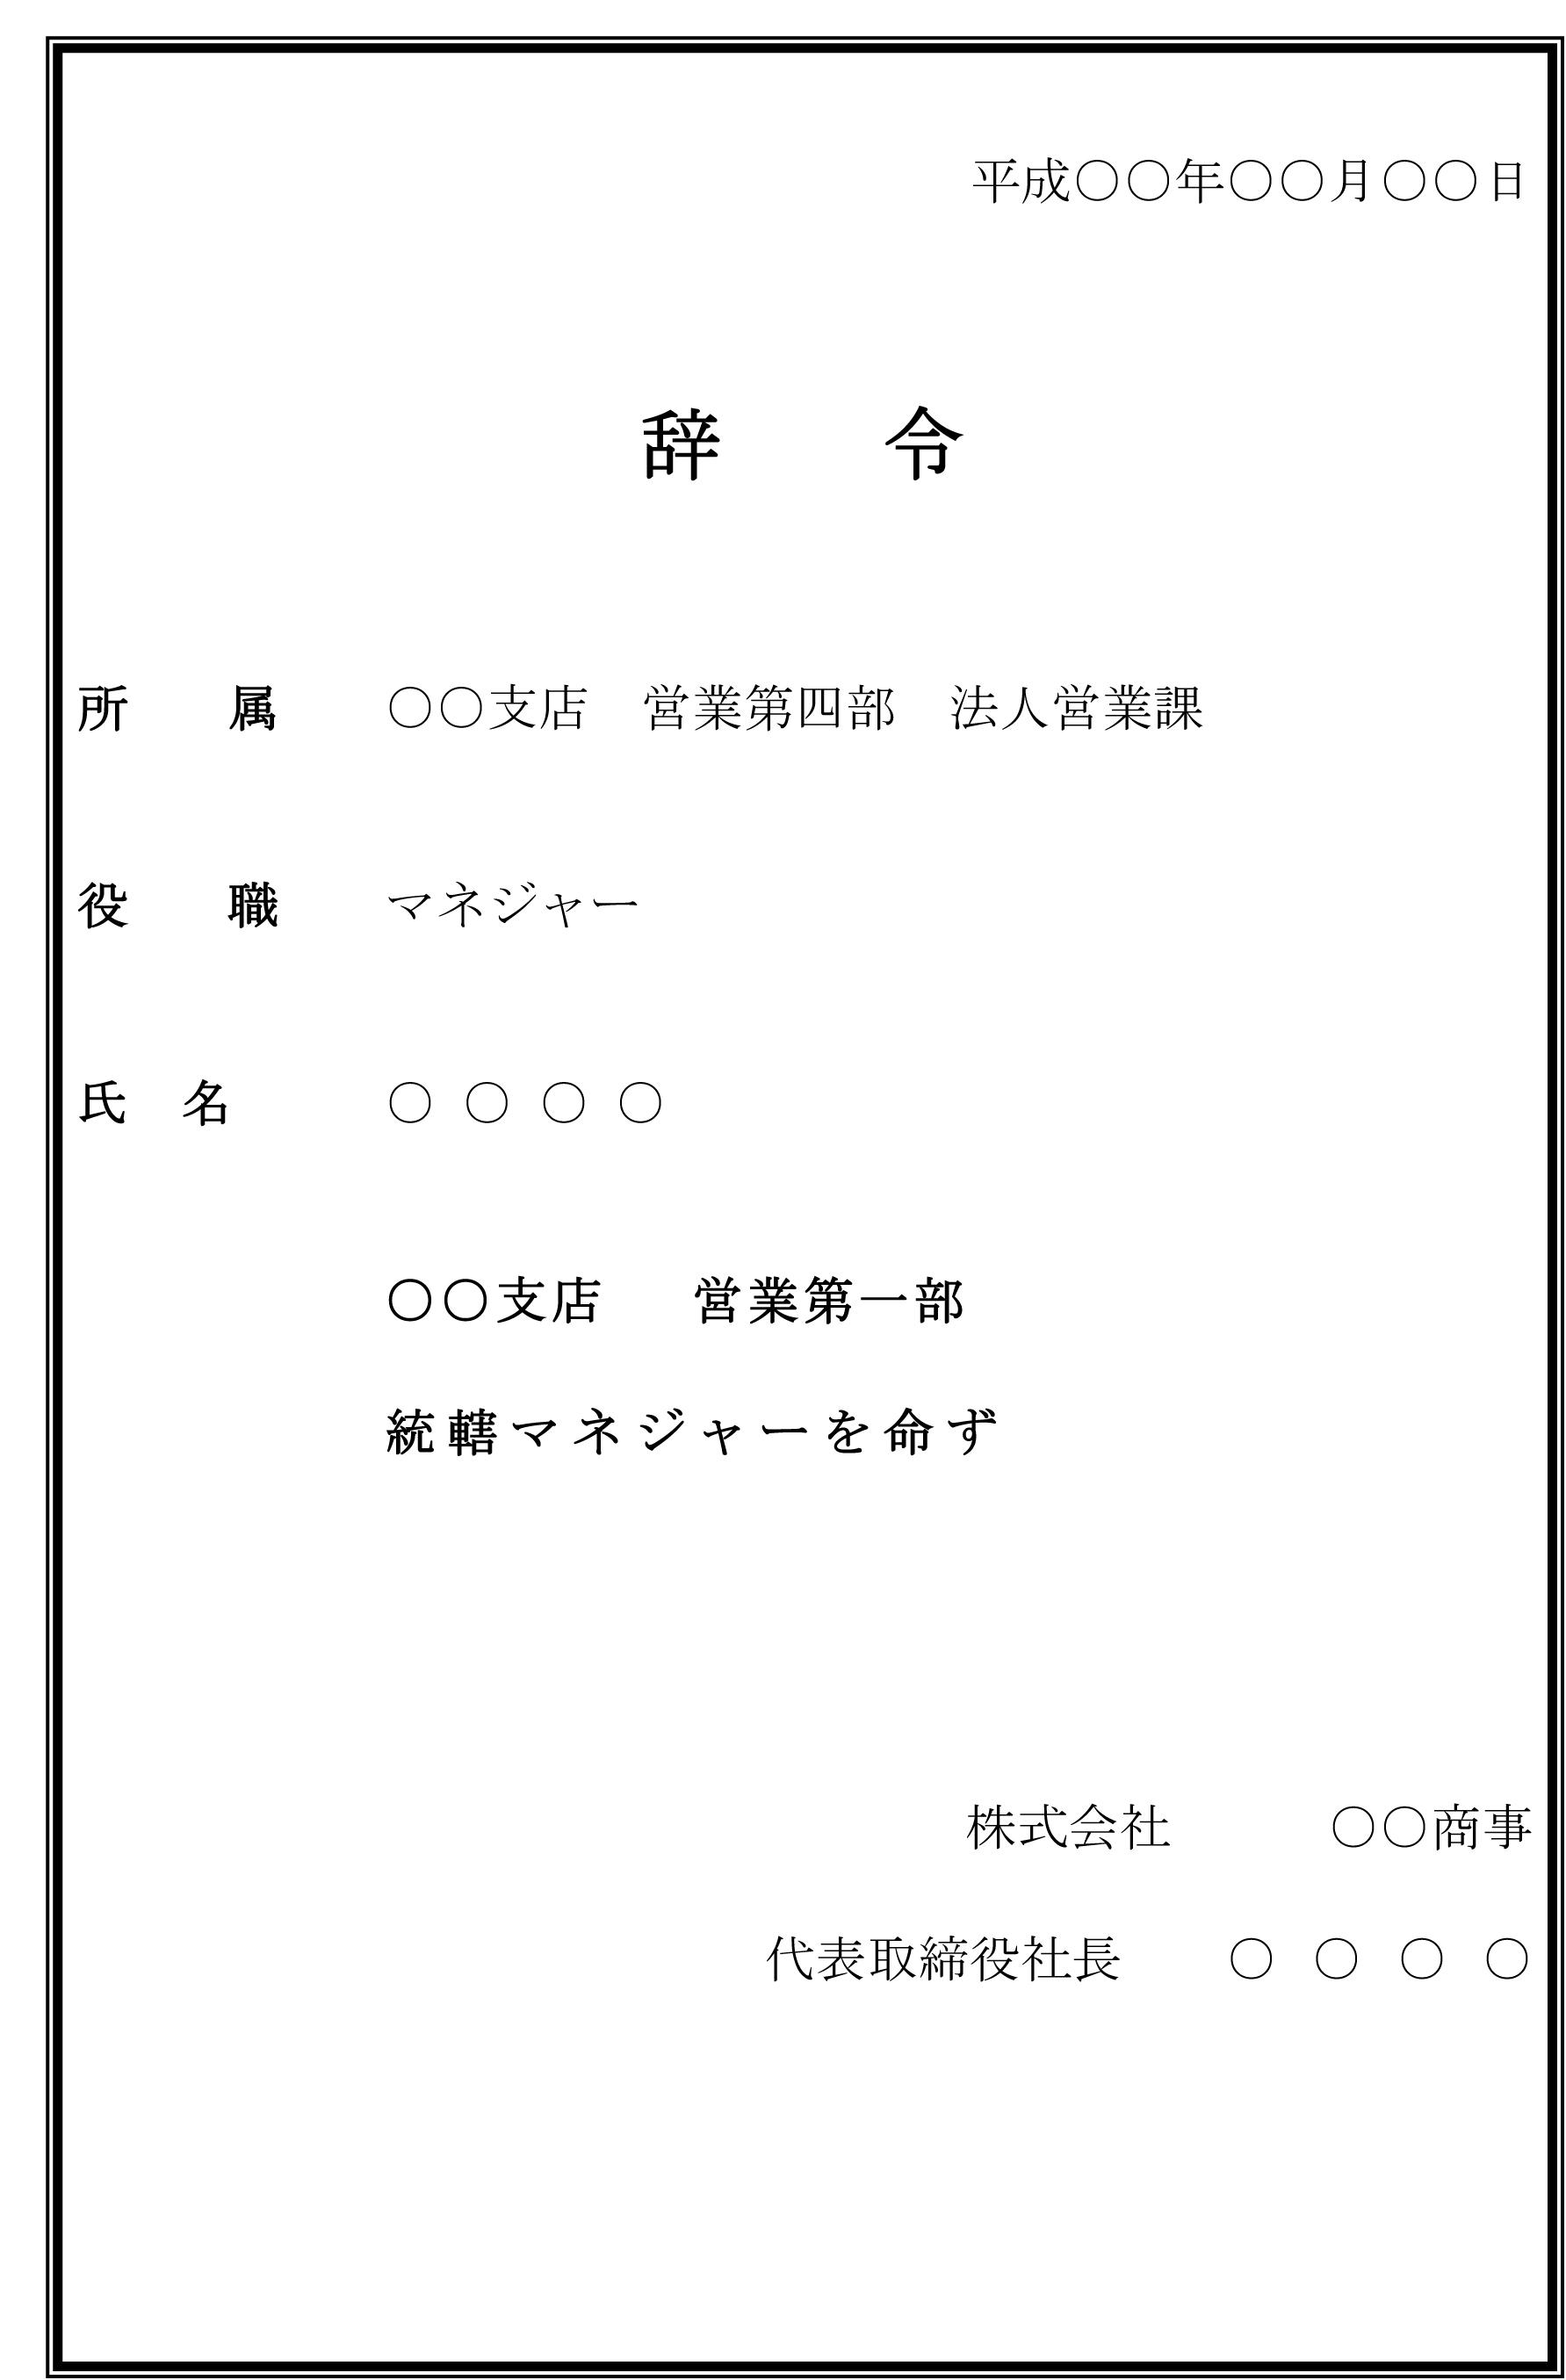 辞令(昇格)01